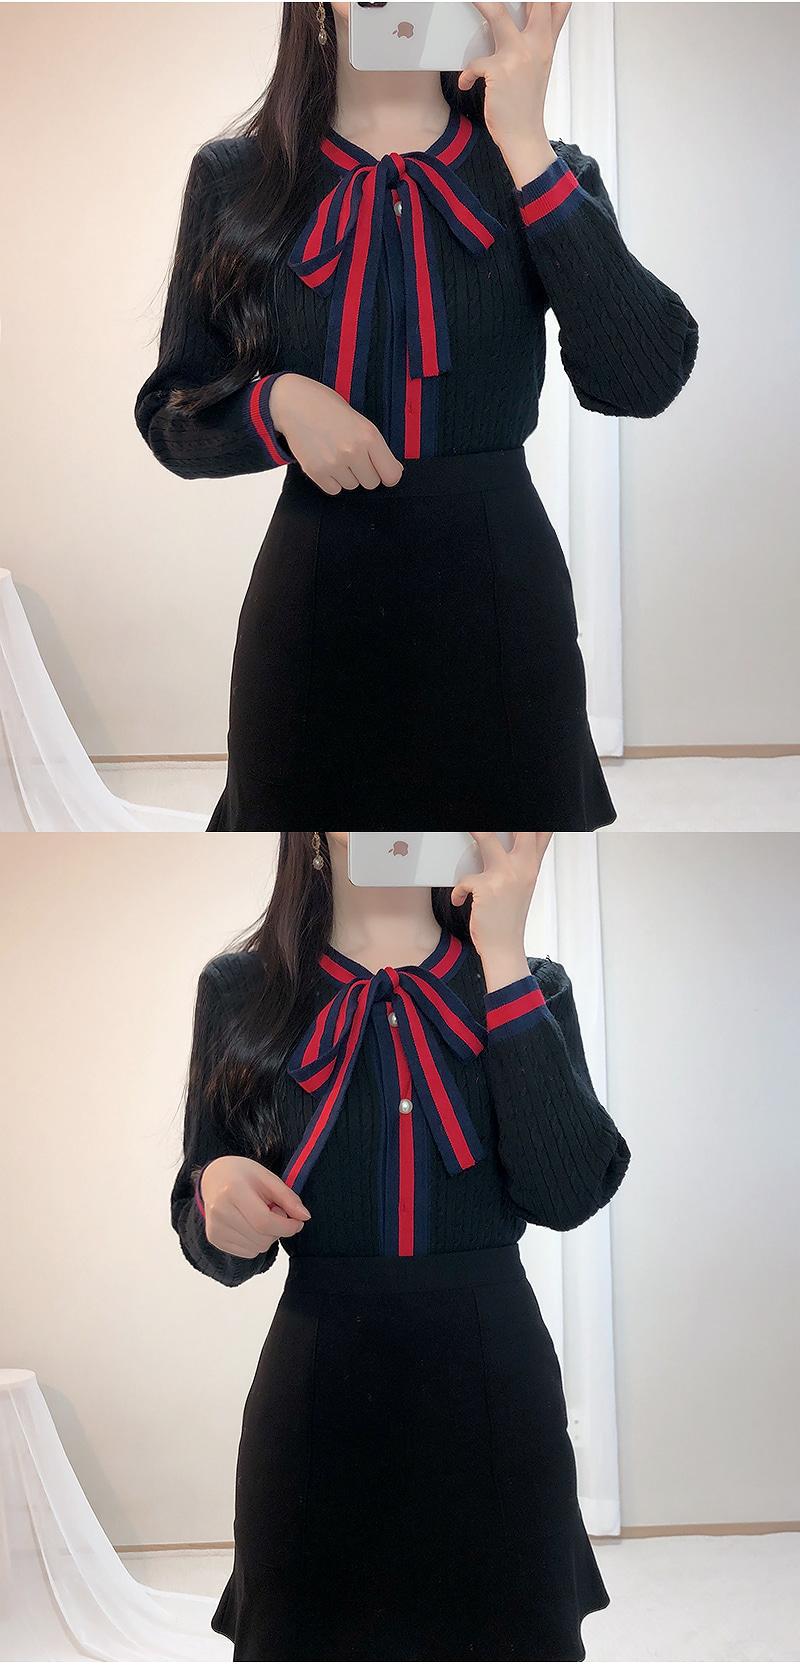 Ribbon Color Pretzel Knit CD